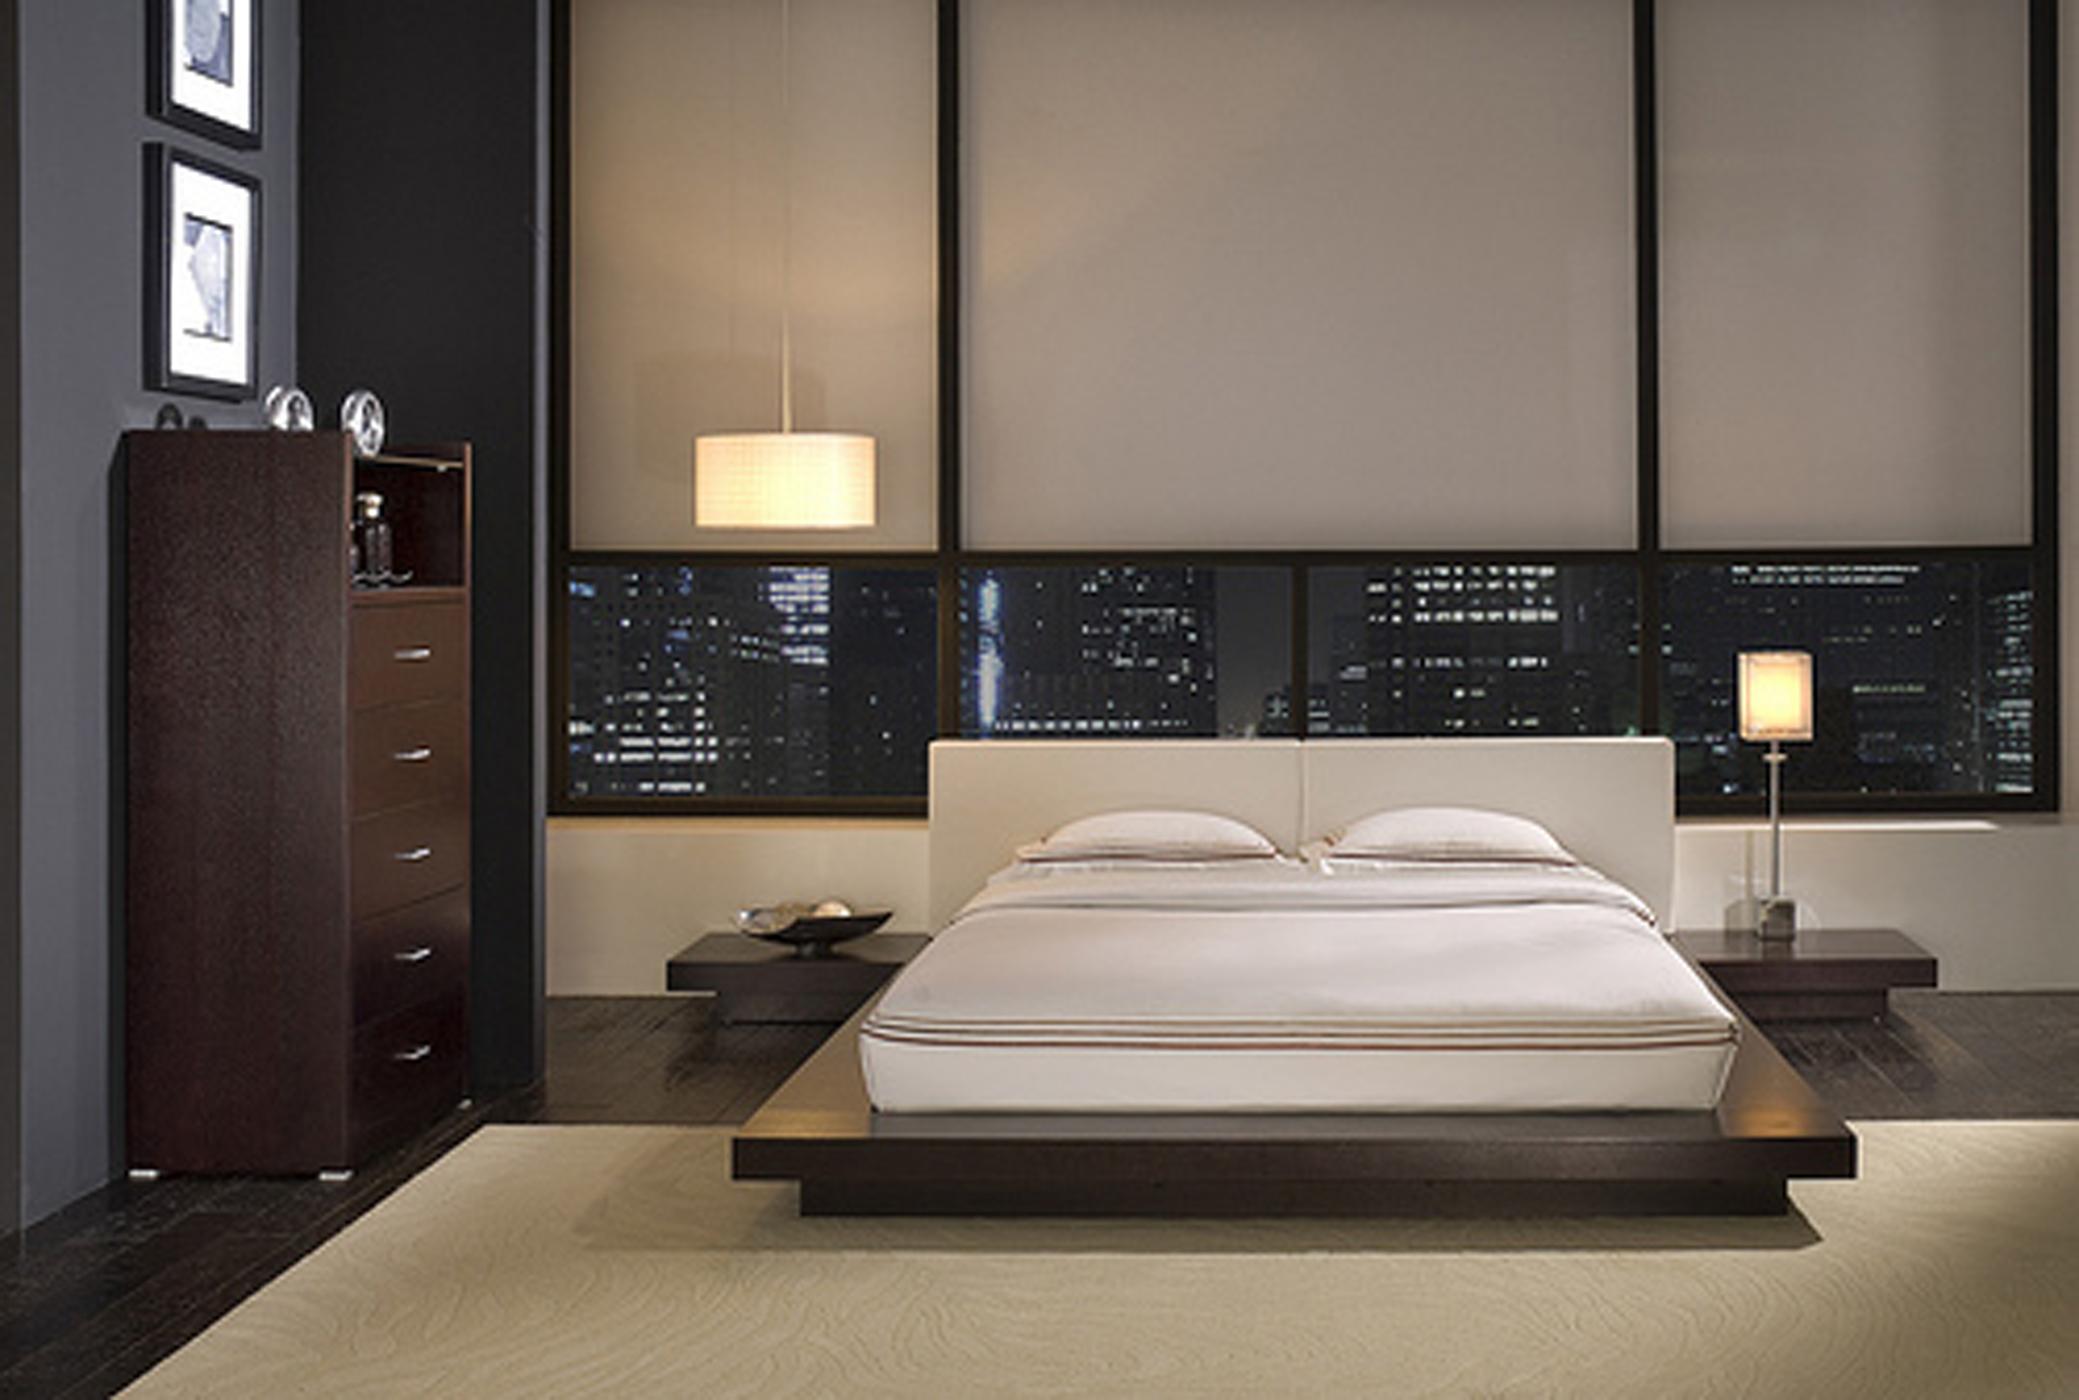 Japanese Style Modern Platform Bed-media.onsugar.com